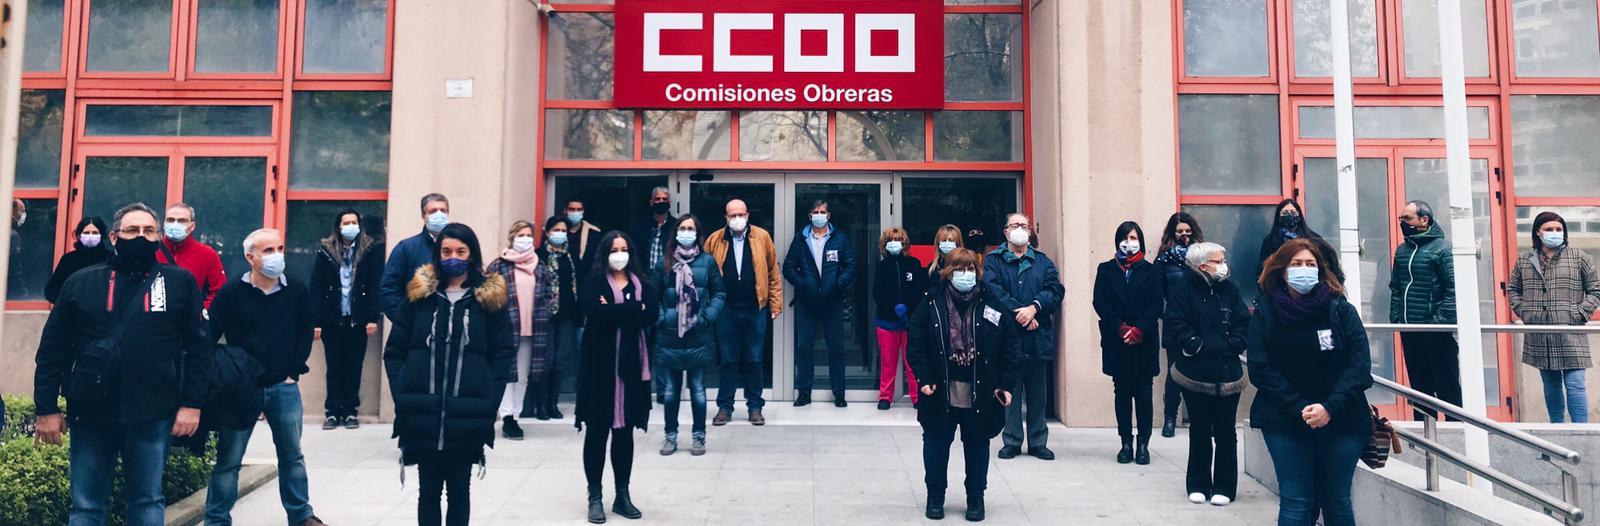 CCOO el 25N